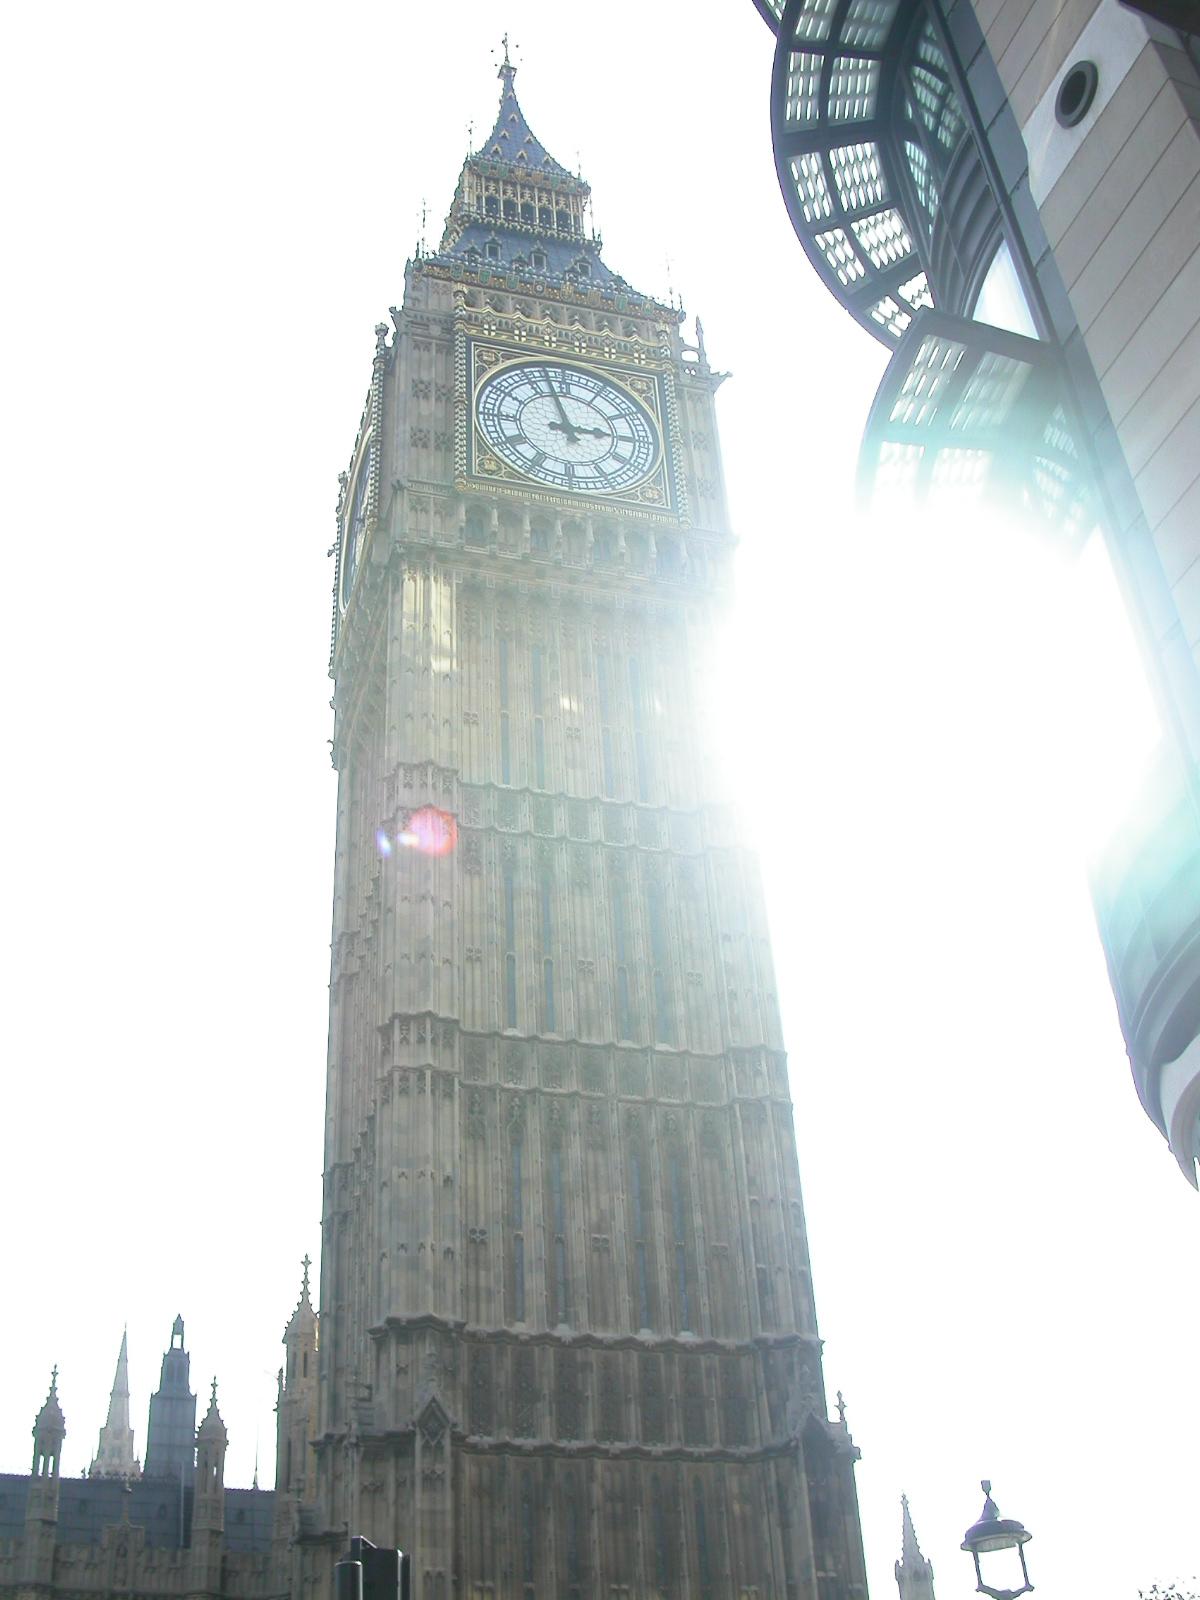 eva architecture exteriors bigben big ben london tower clocktower clock time